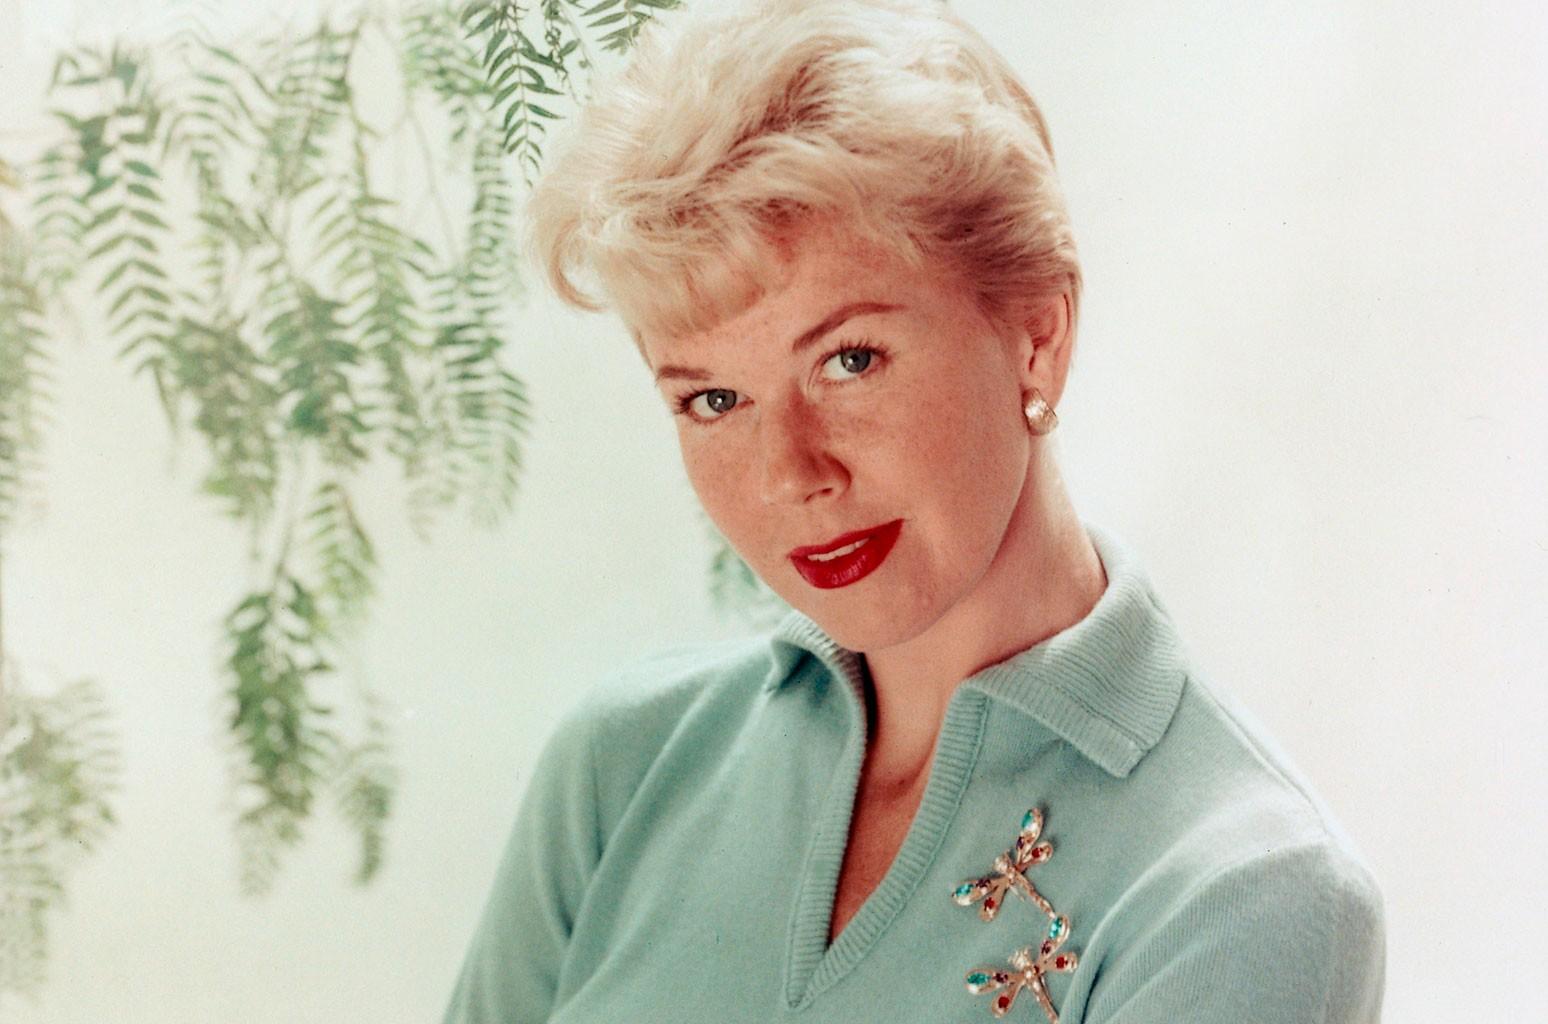 Doris Day S Biggest Billboard Chart Hits Que Sera Sera More Billboard Billboard